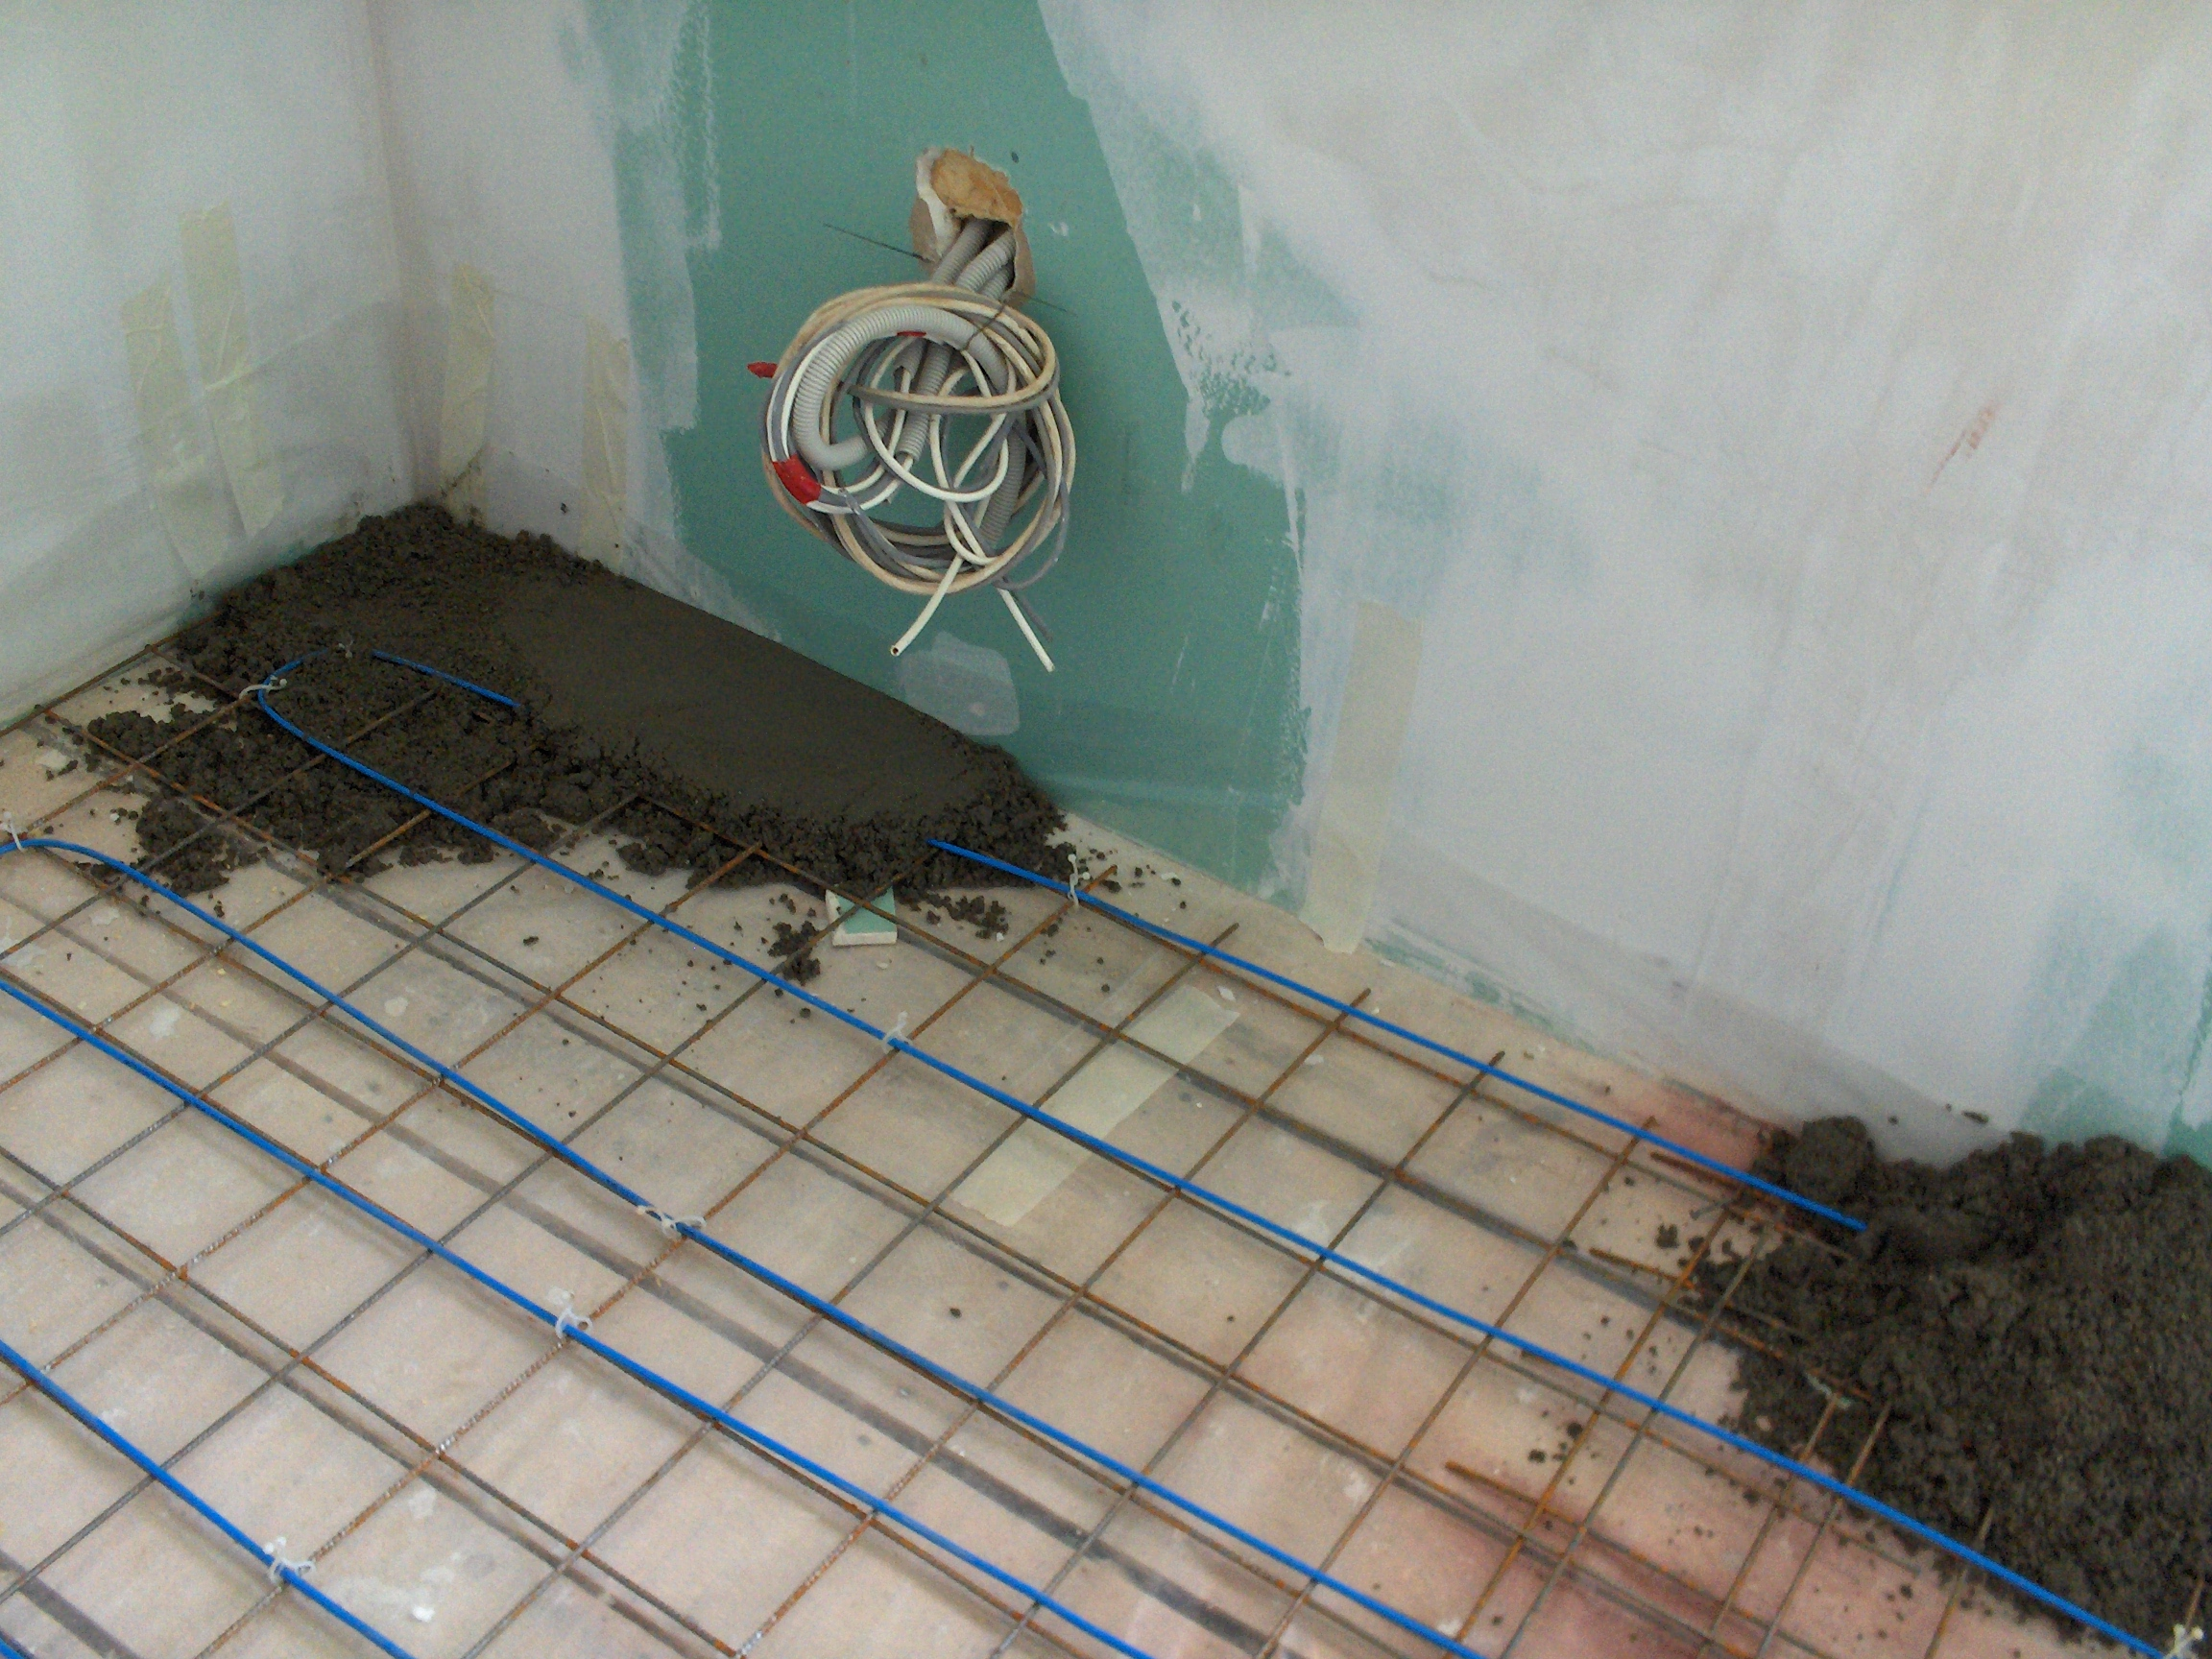 Sistem de incalzire electrica prin pardoseala RAYCHEM - Poza 65